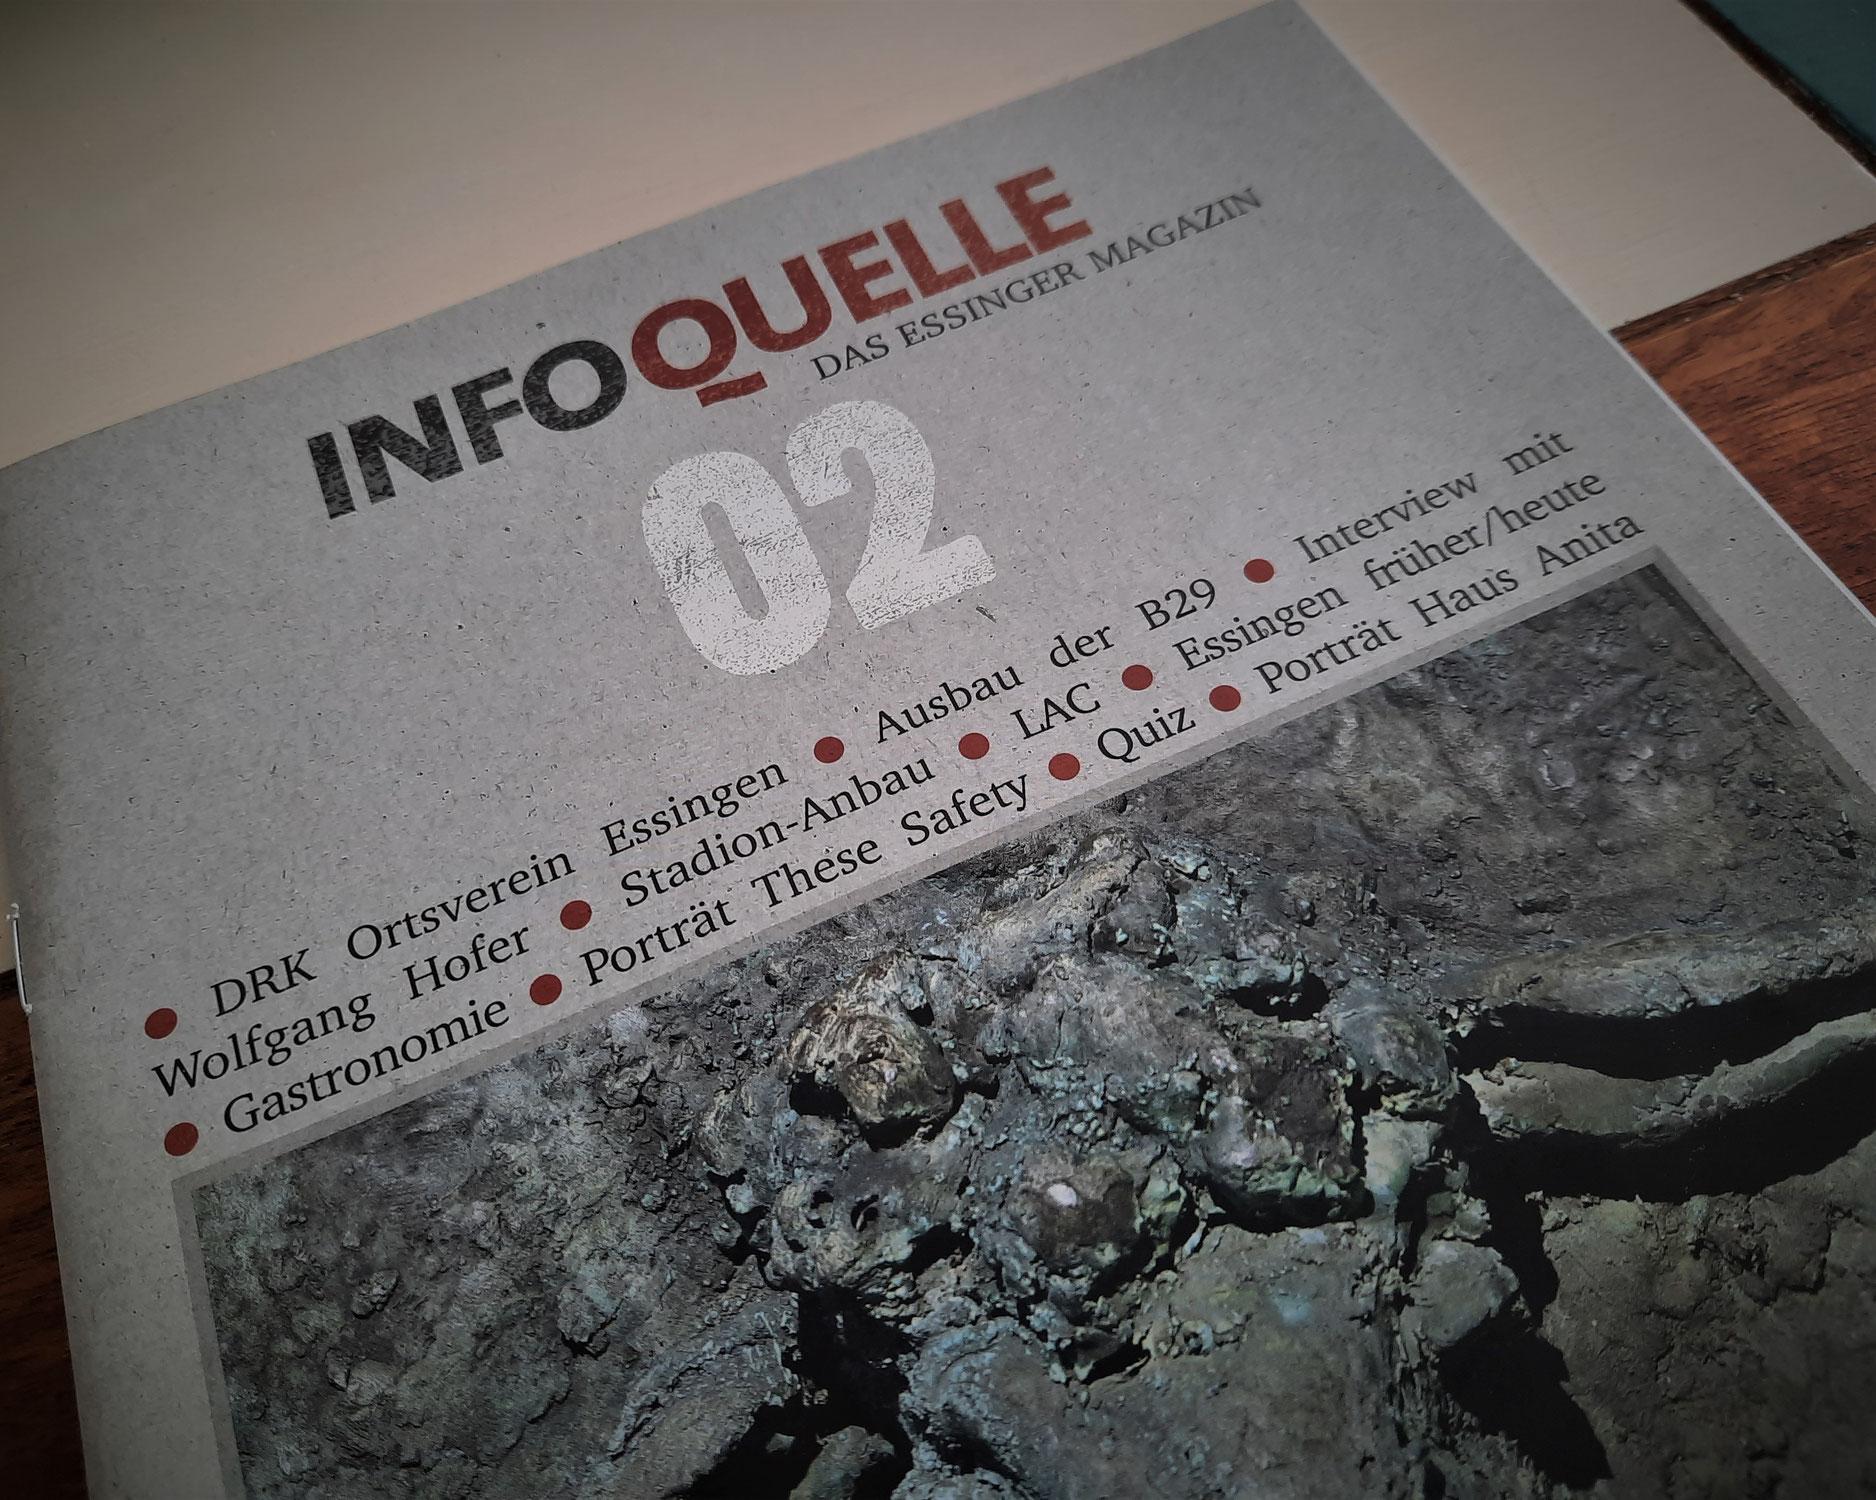 Zweite Ausgabe der Info-Quelle ist erschienen